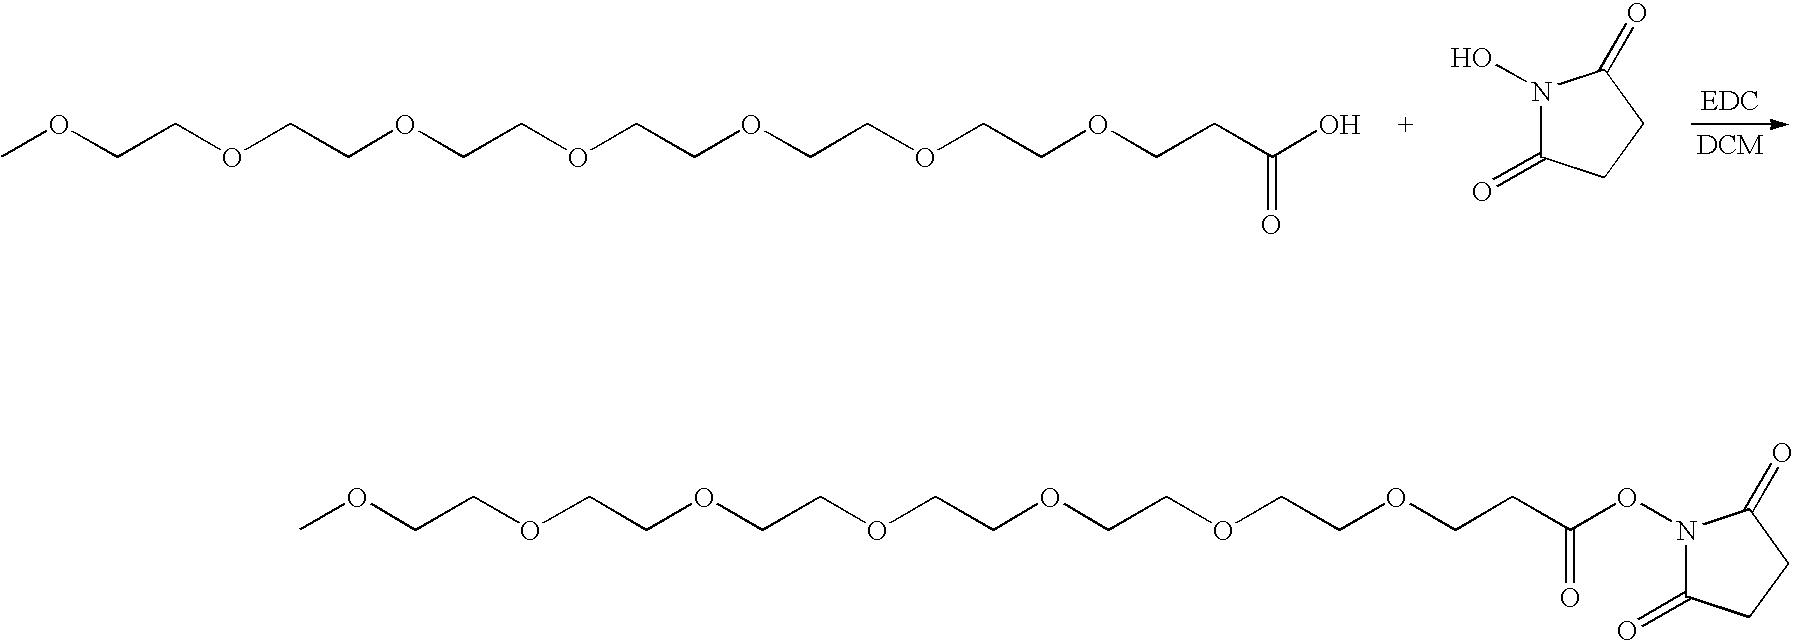 Figure US08563685-20131022-C00018